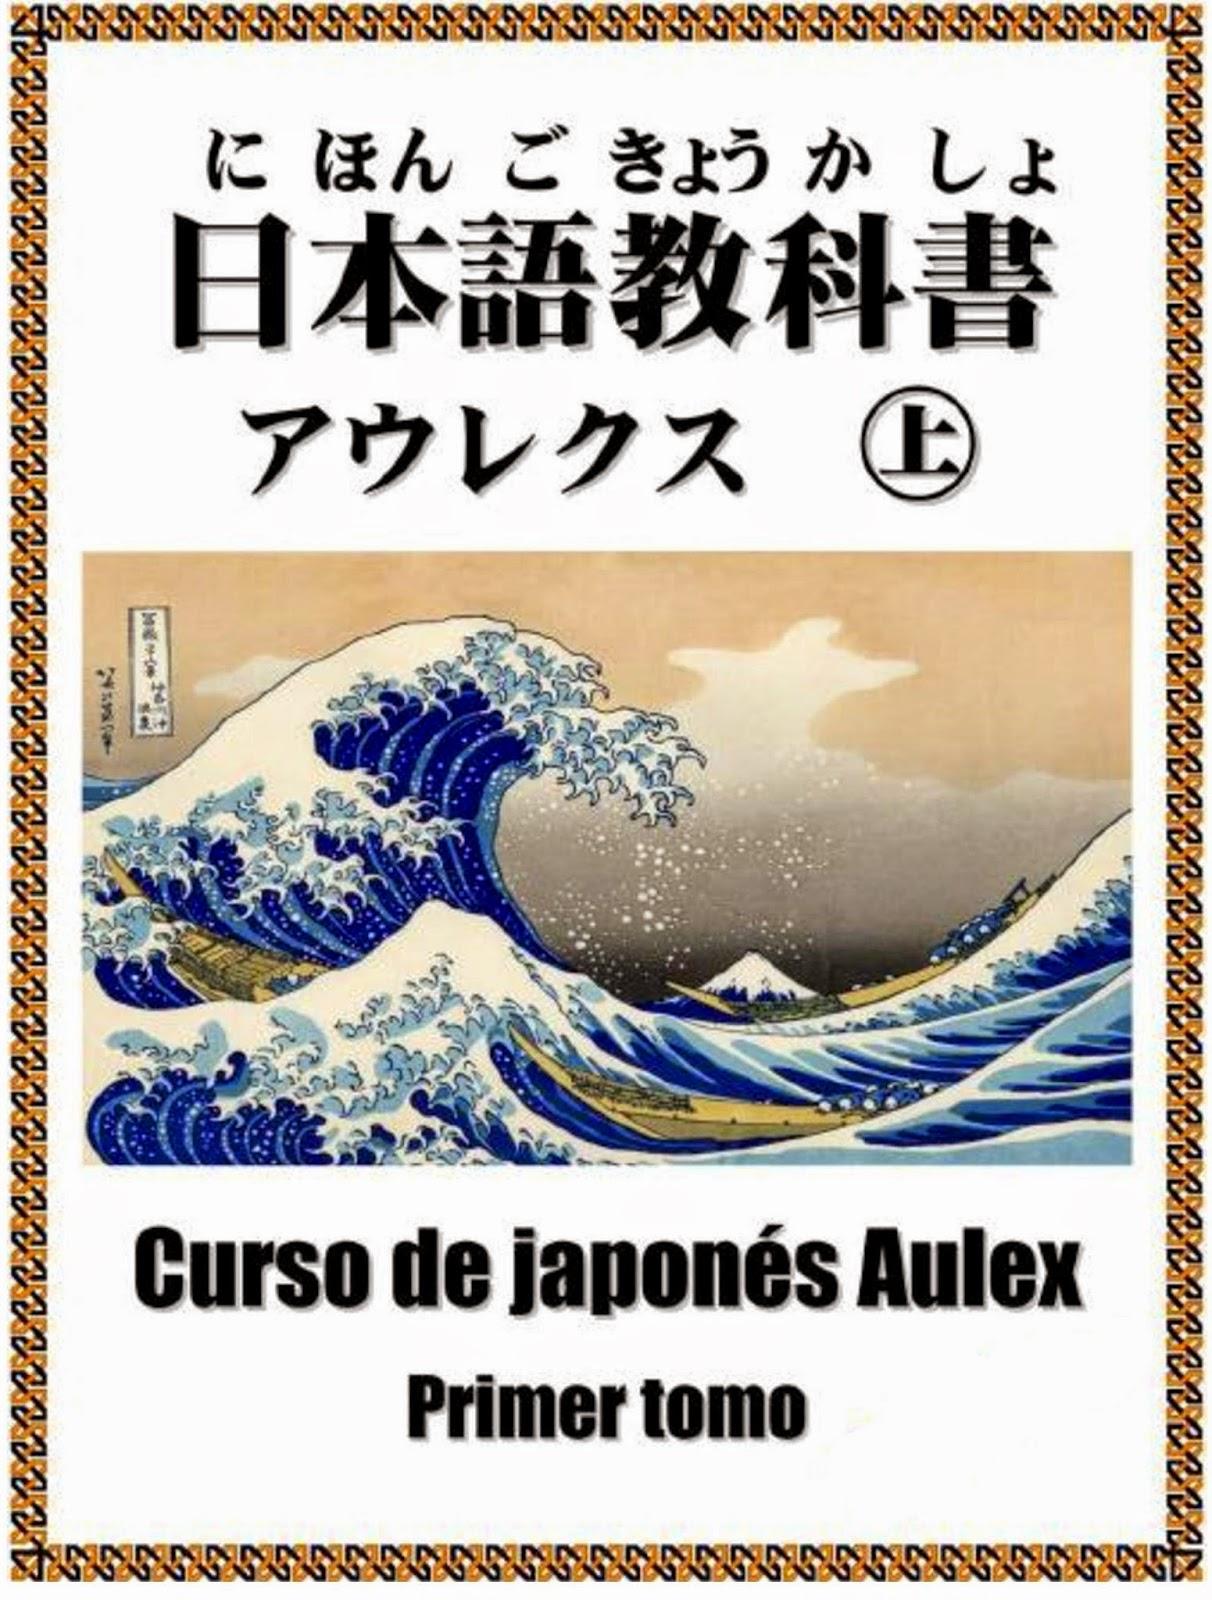 Curso japones online